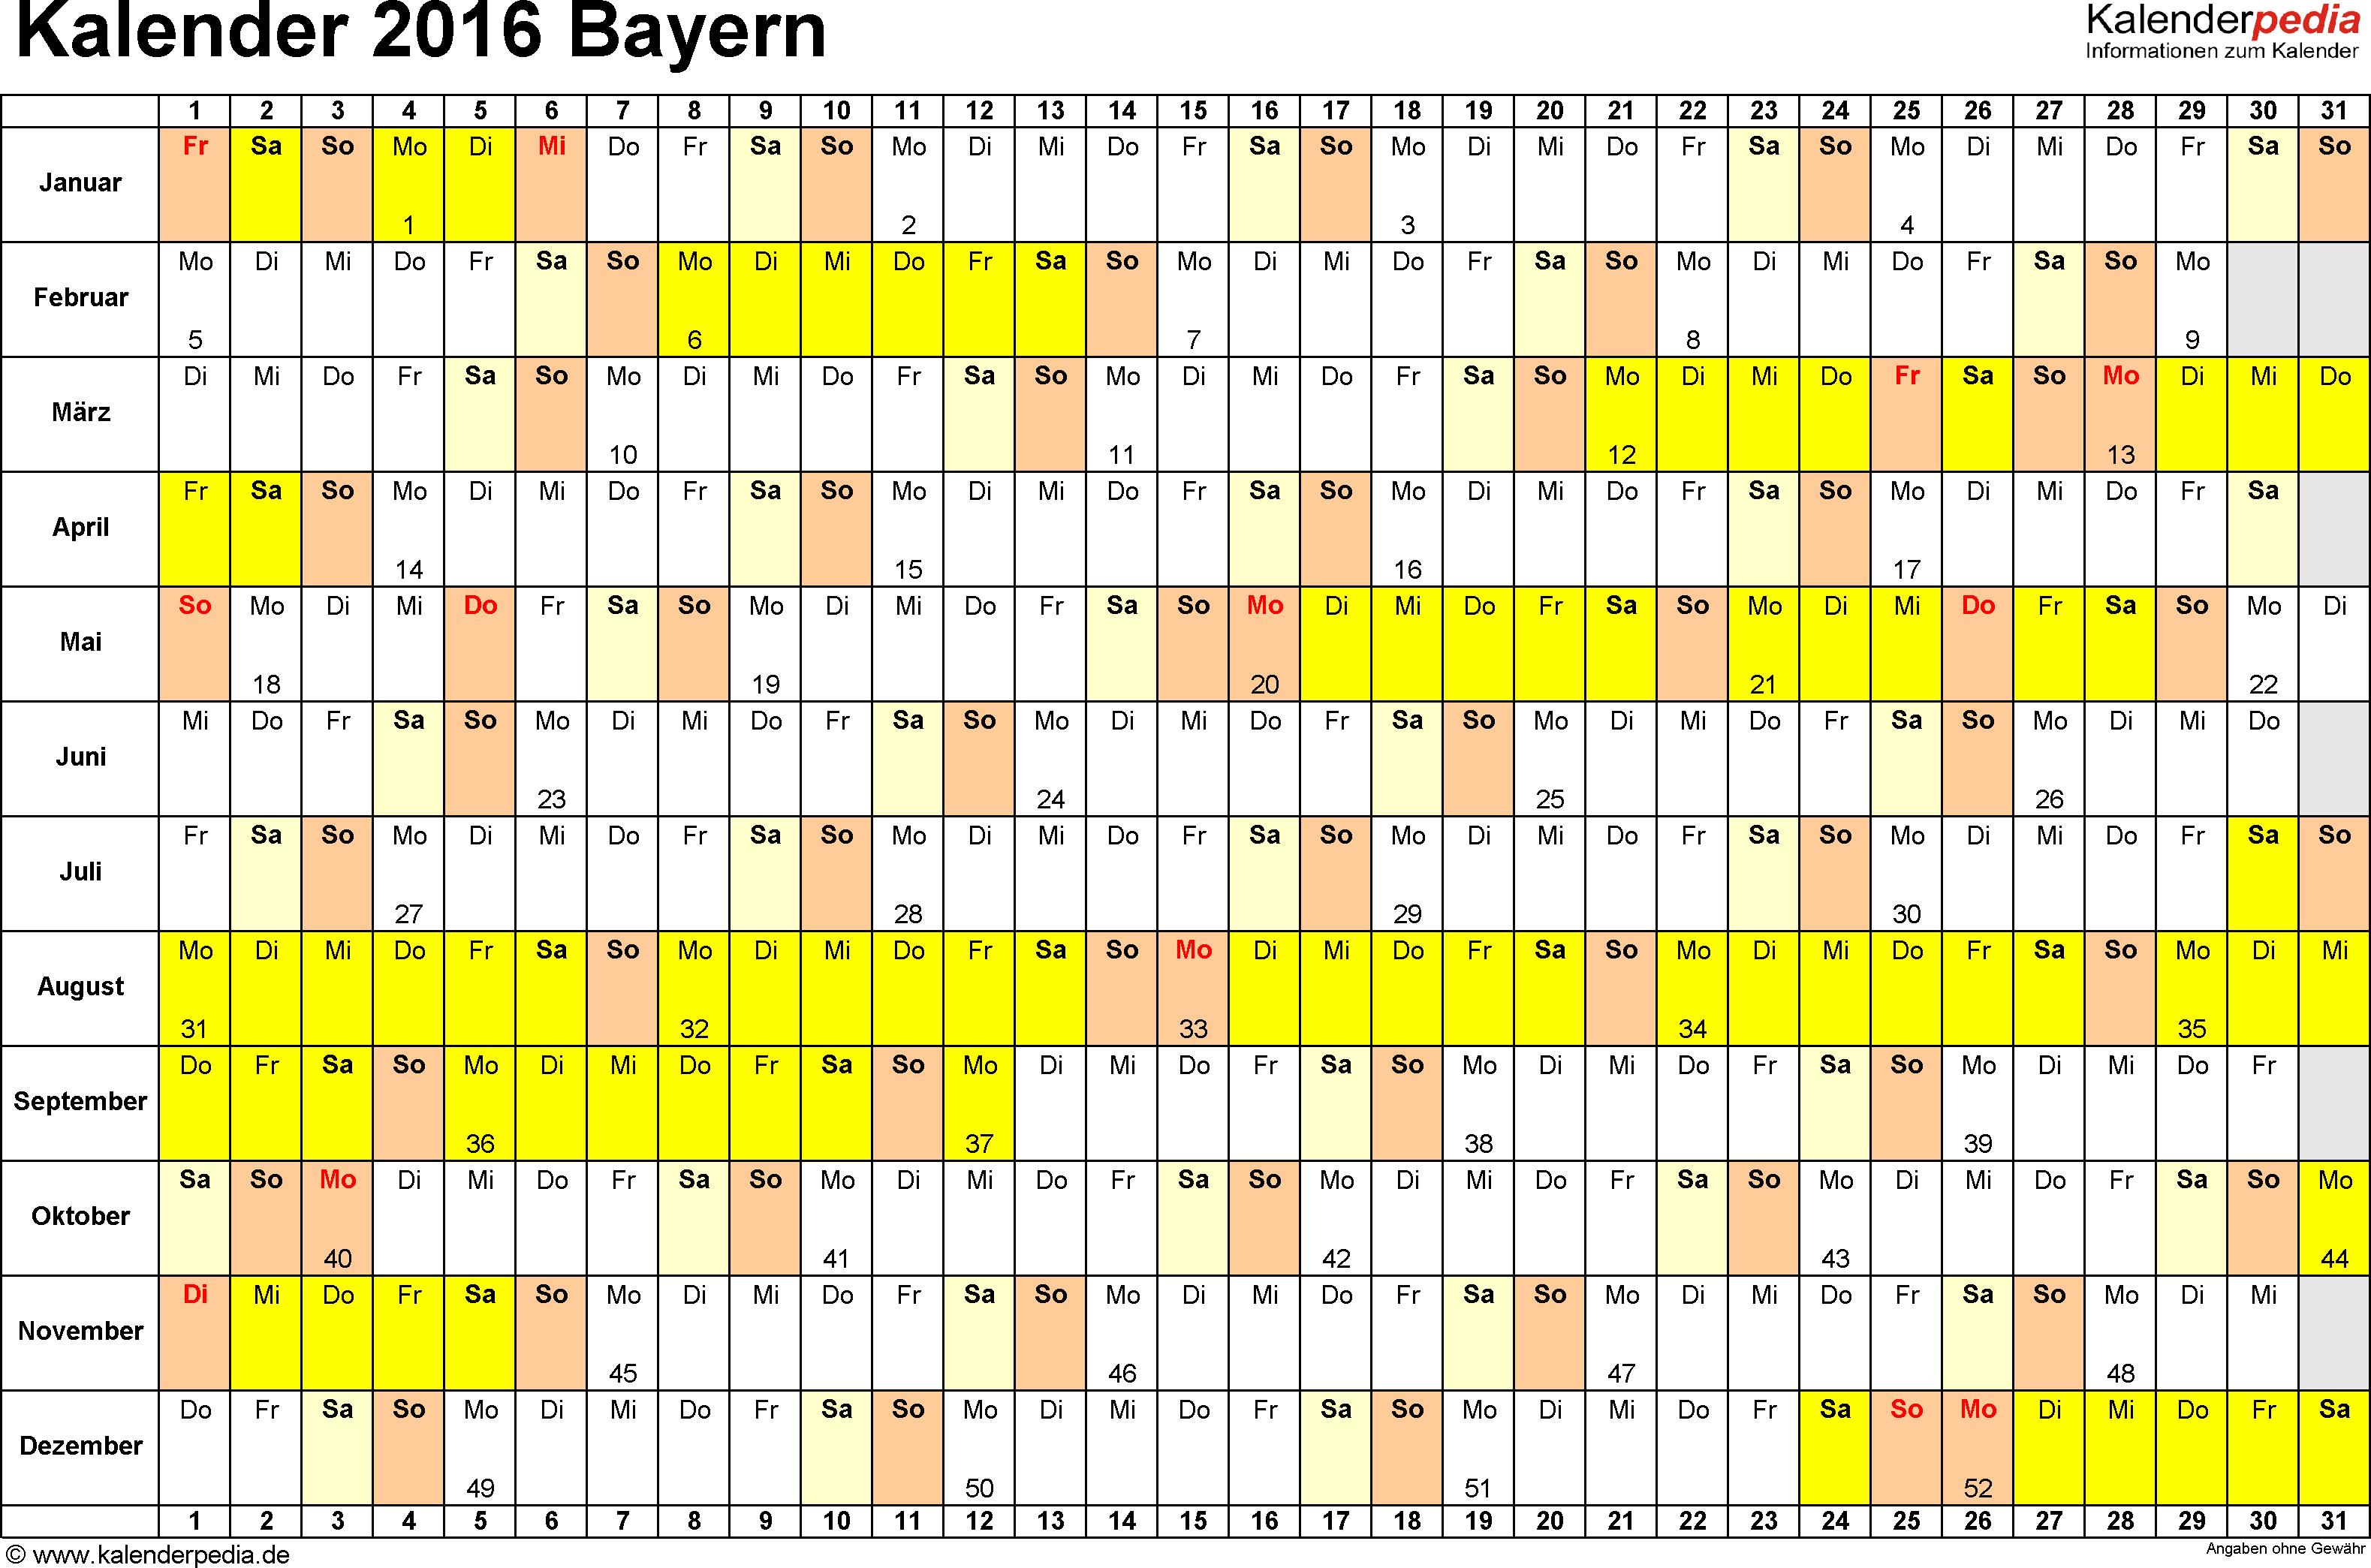 Vorlage 3: Kalender Bayern 2016 im Querformat, Tage nebeneinander